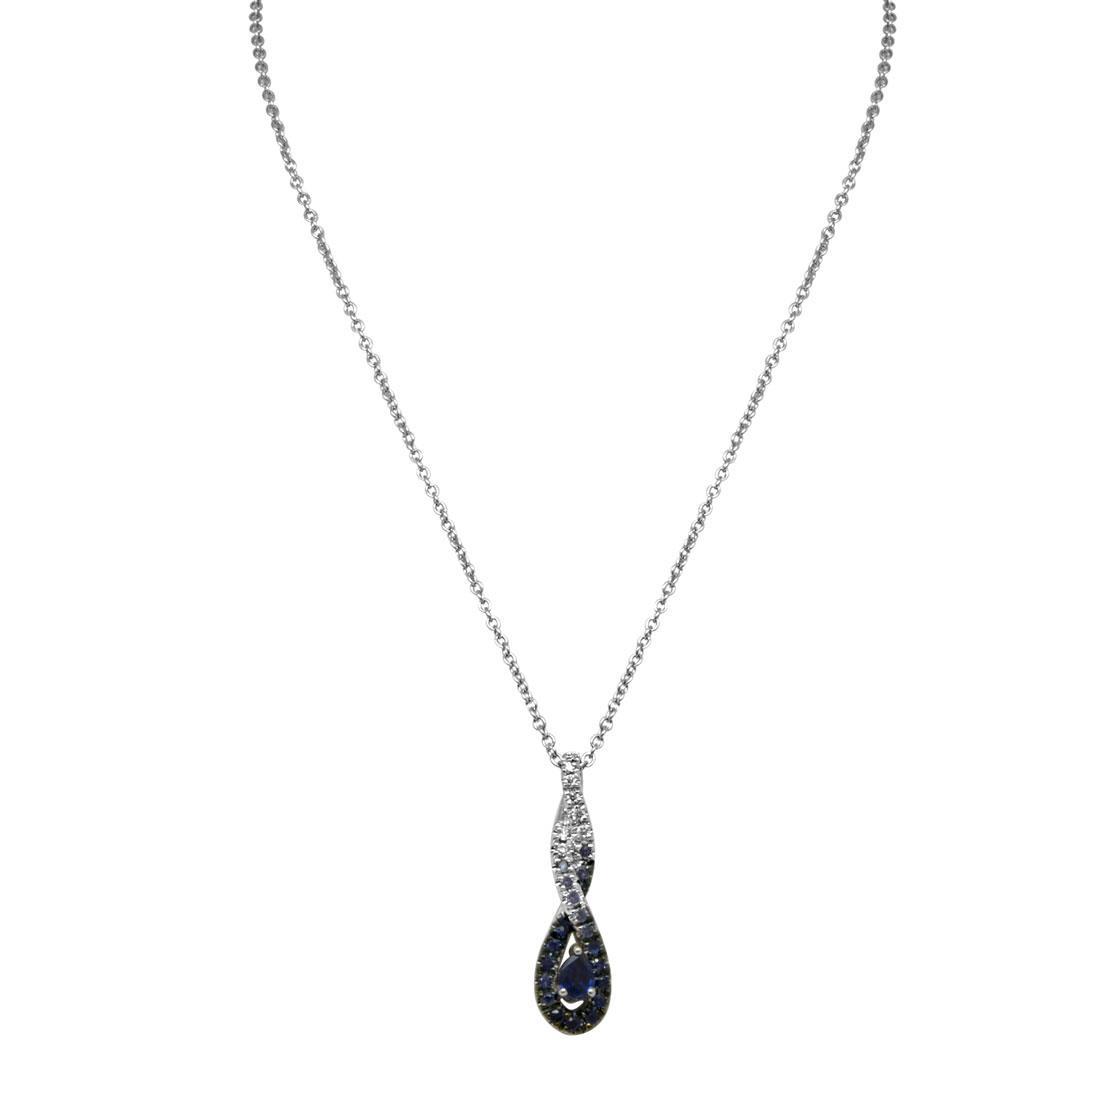 Collana in oro bianco con pendente diamanti ct 0.05 e zaffiri ct 0.39 - SALVINI